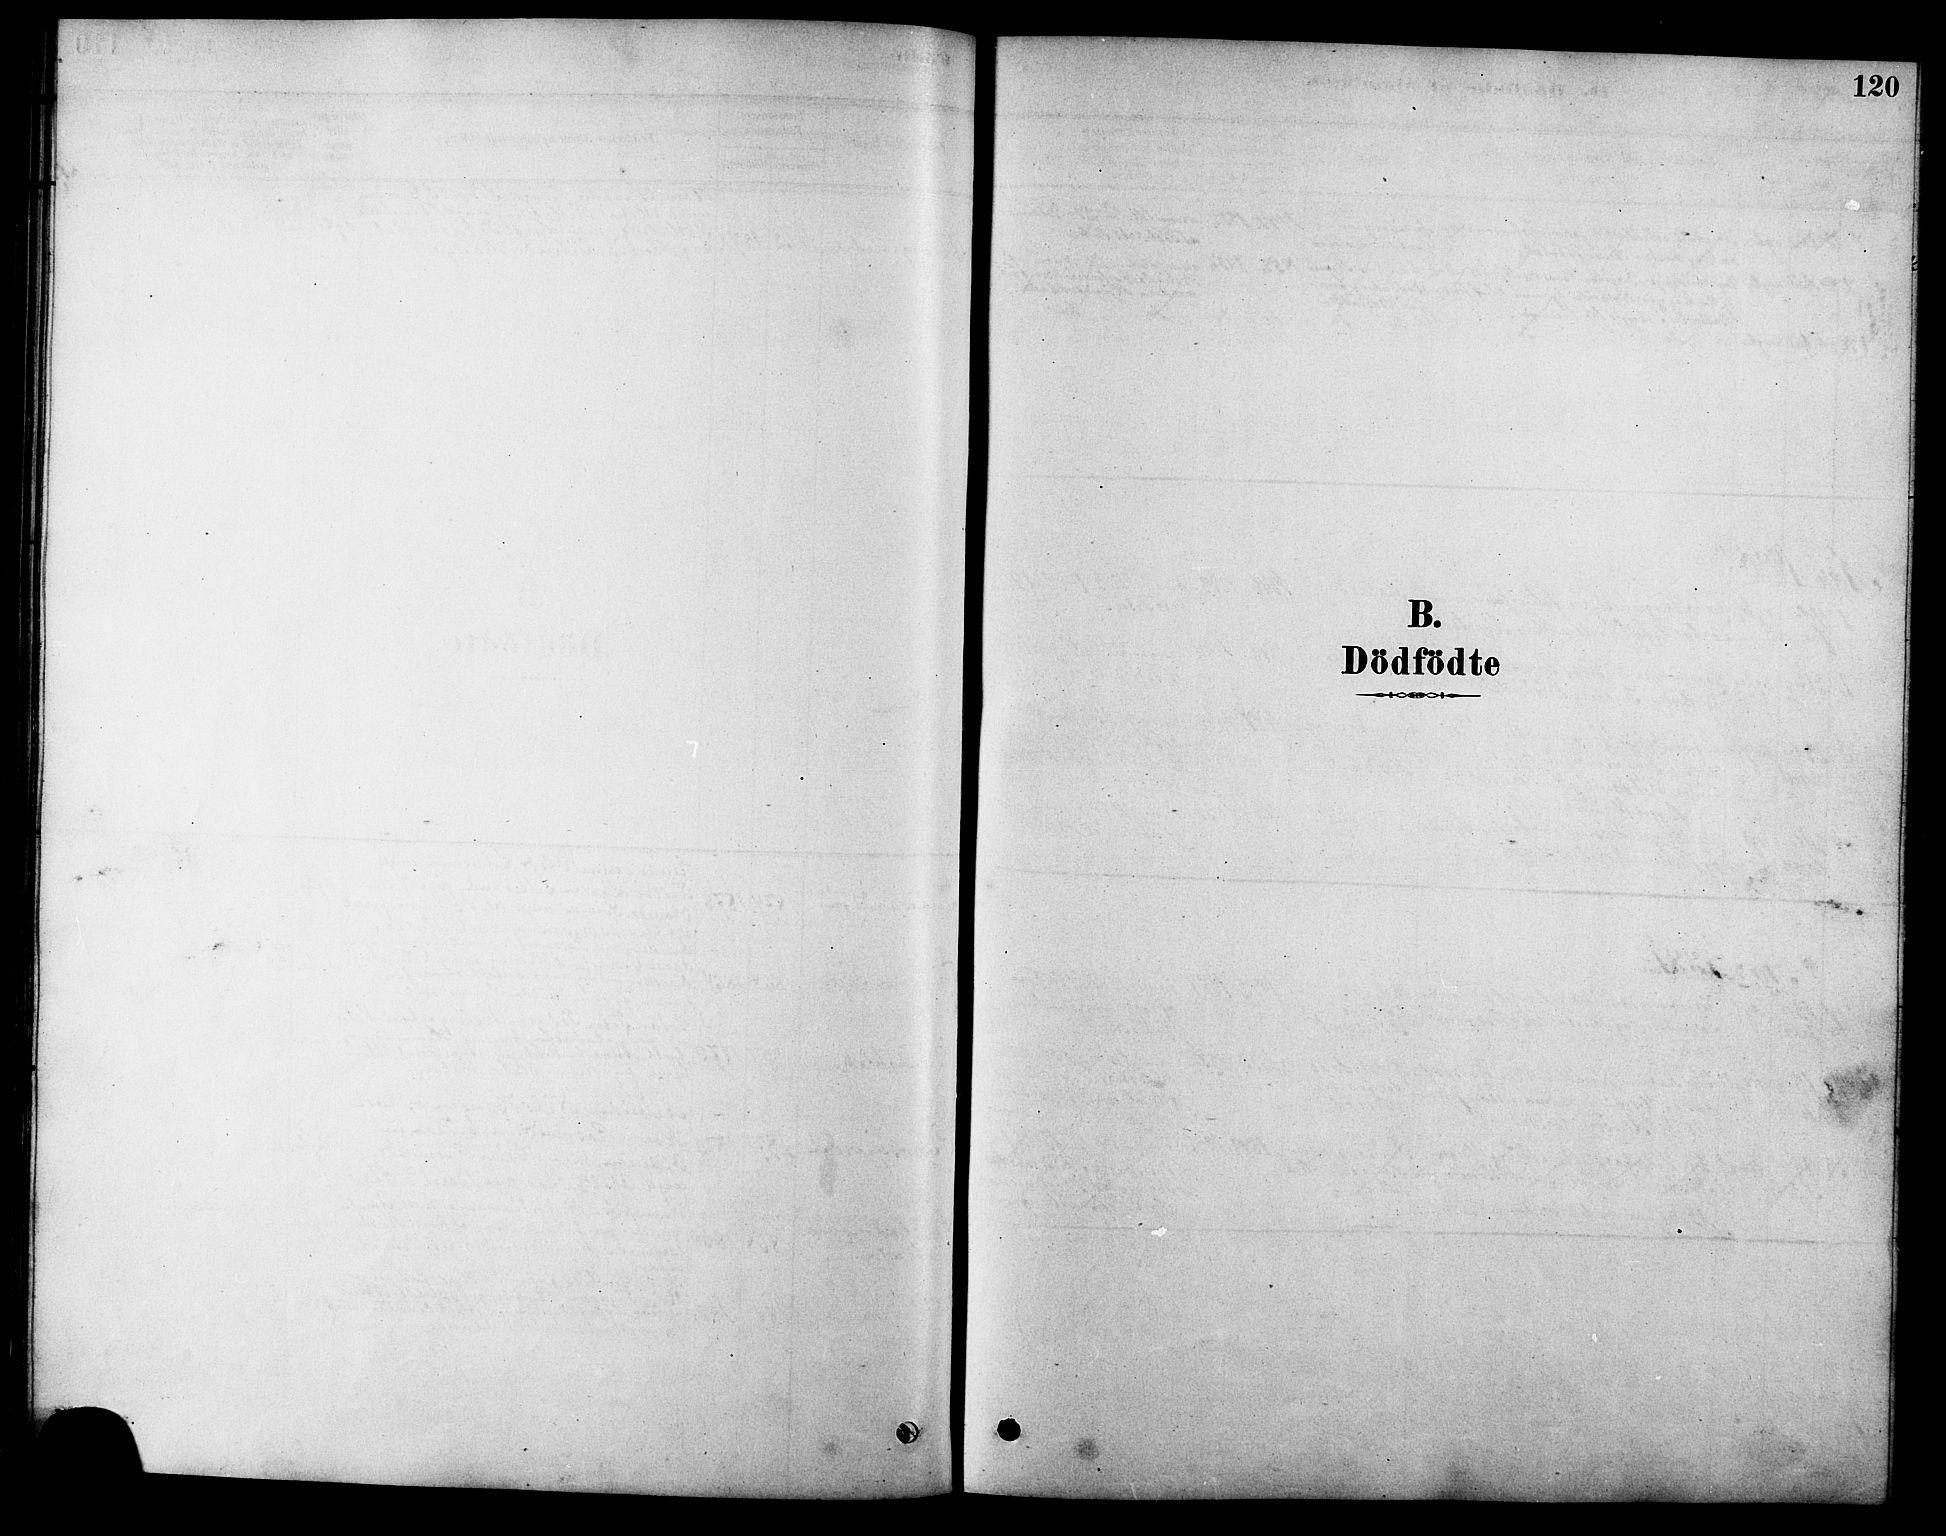 SAT, Ministerialprotokoller, klokkerbøker og fødselsregistre - Sør-Trøndelag, 616/L0423: Klokkerbok nr. 616C06, 1878-1903, s. 120